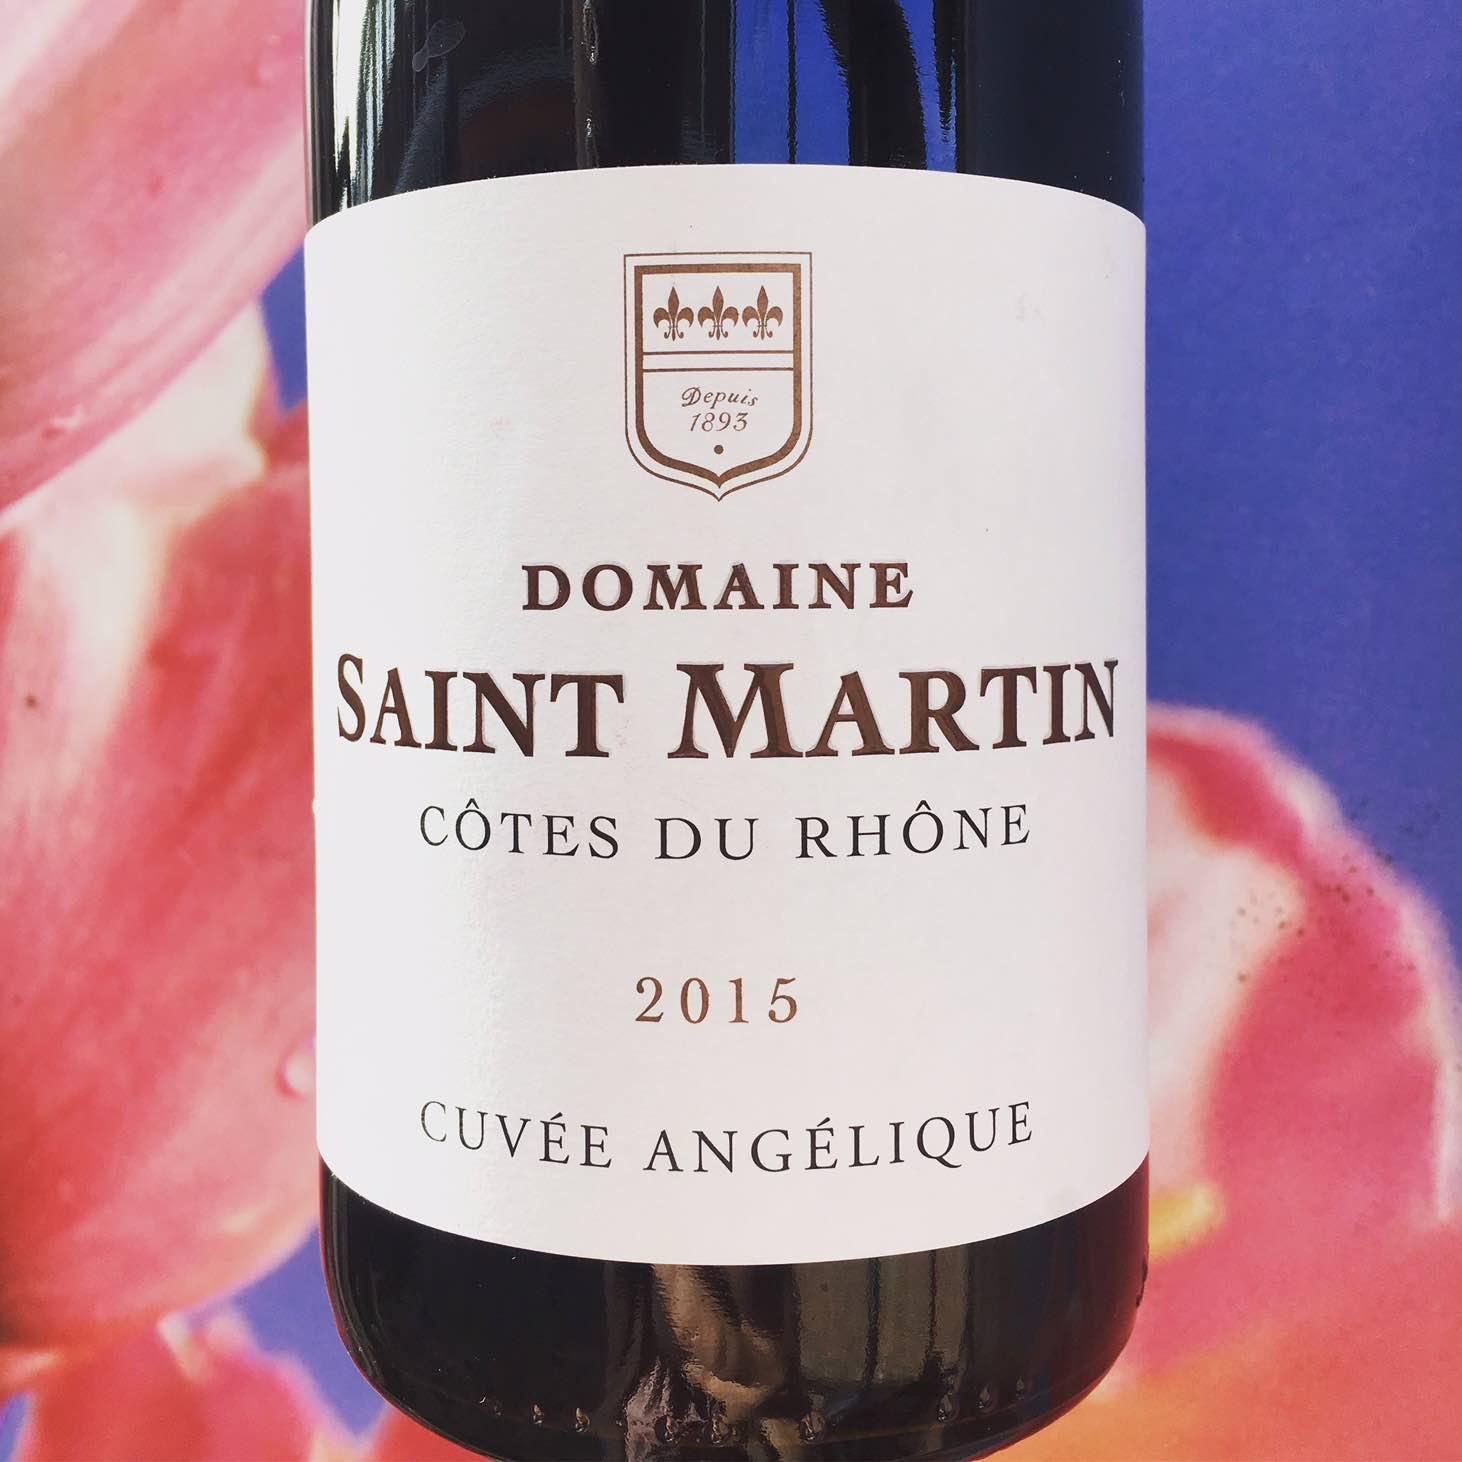 Domaine Saint Martin Rhône, review